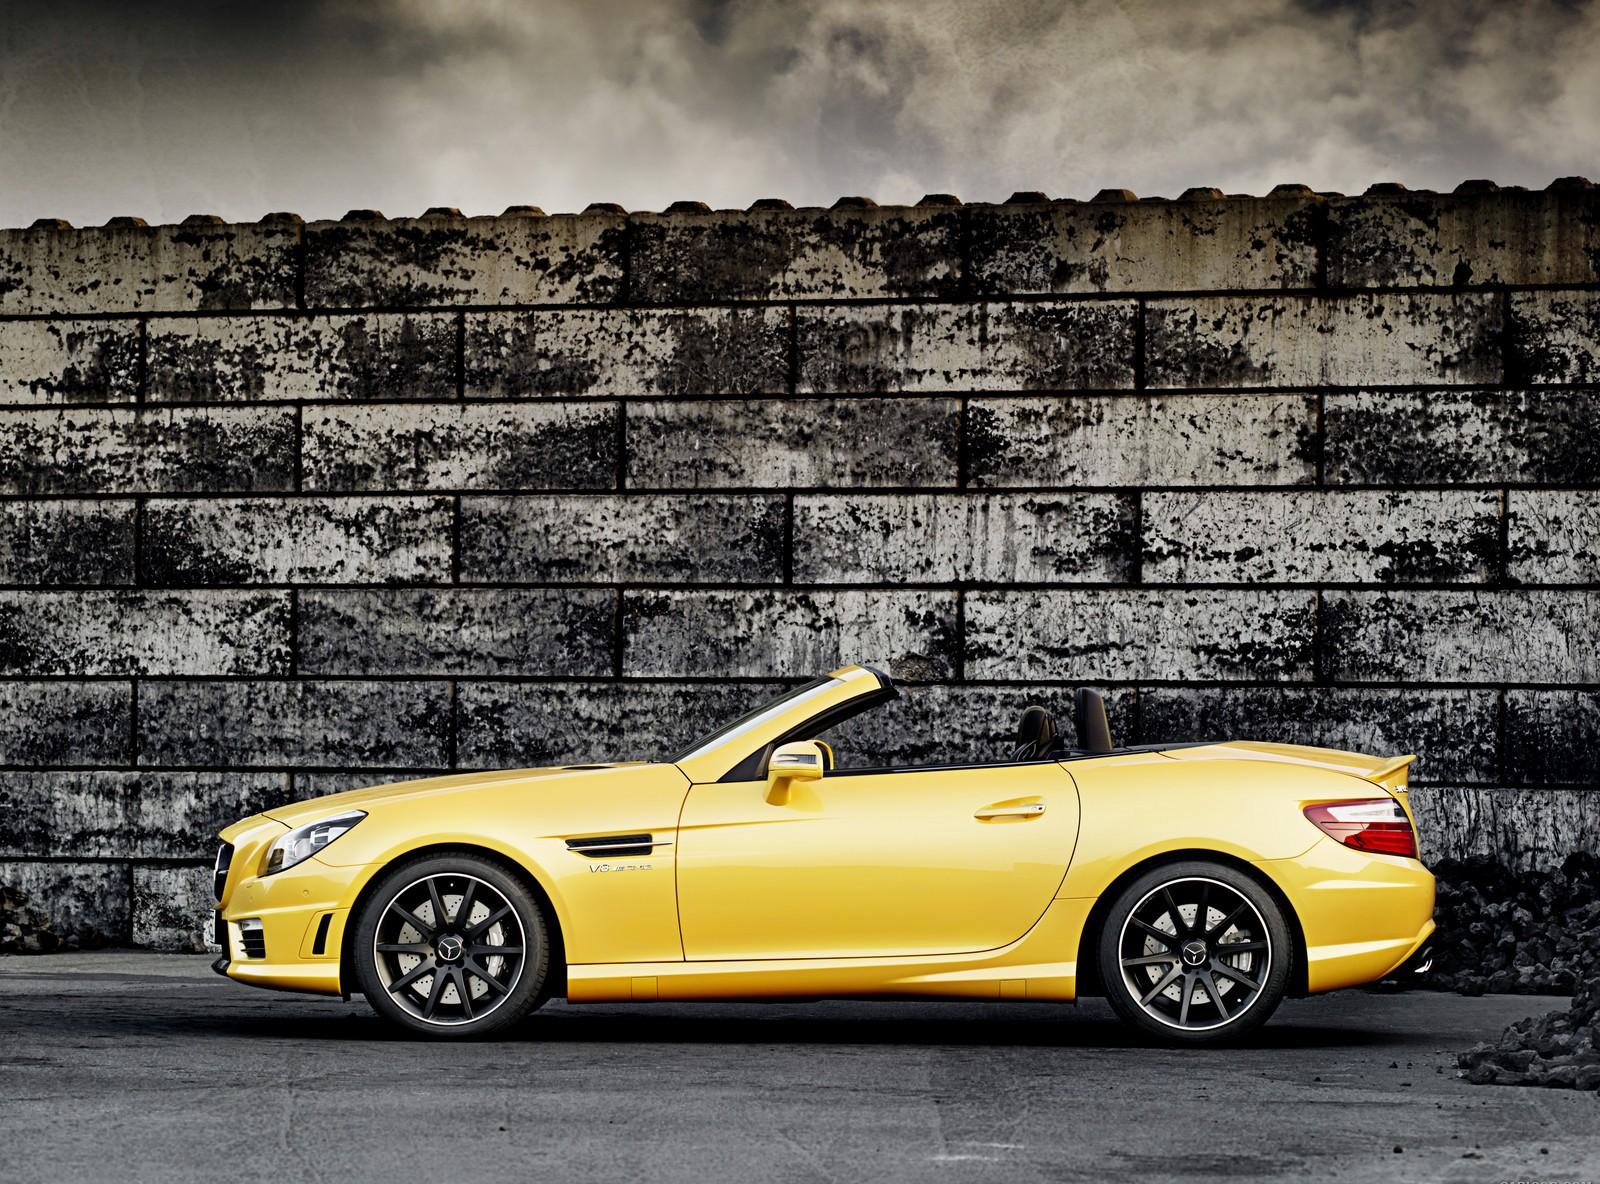 mercedes slk yellow